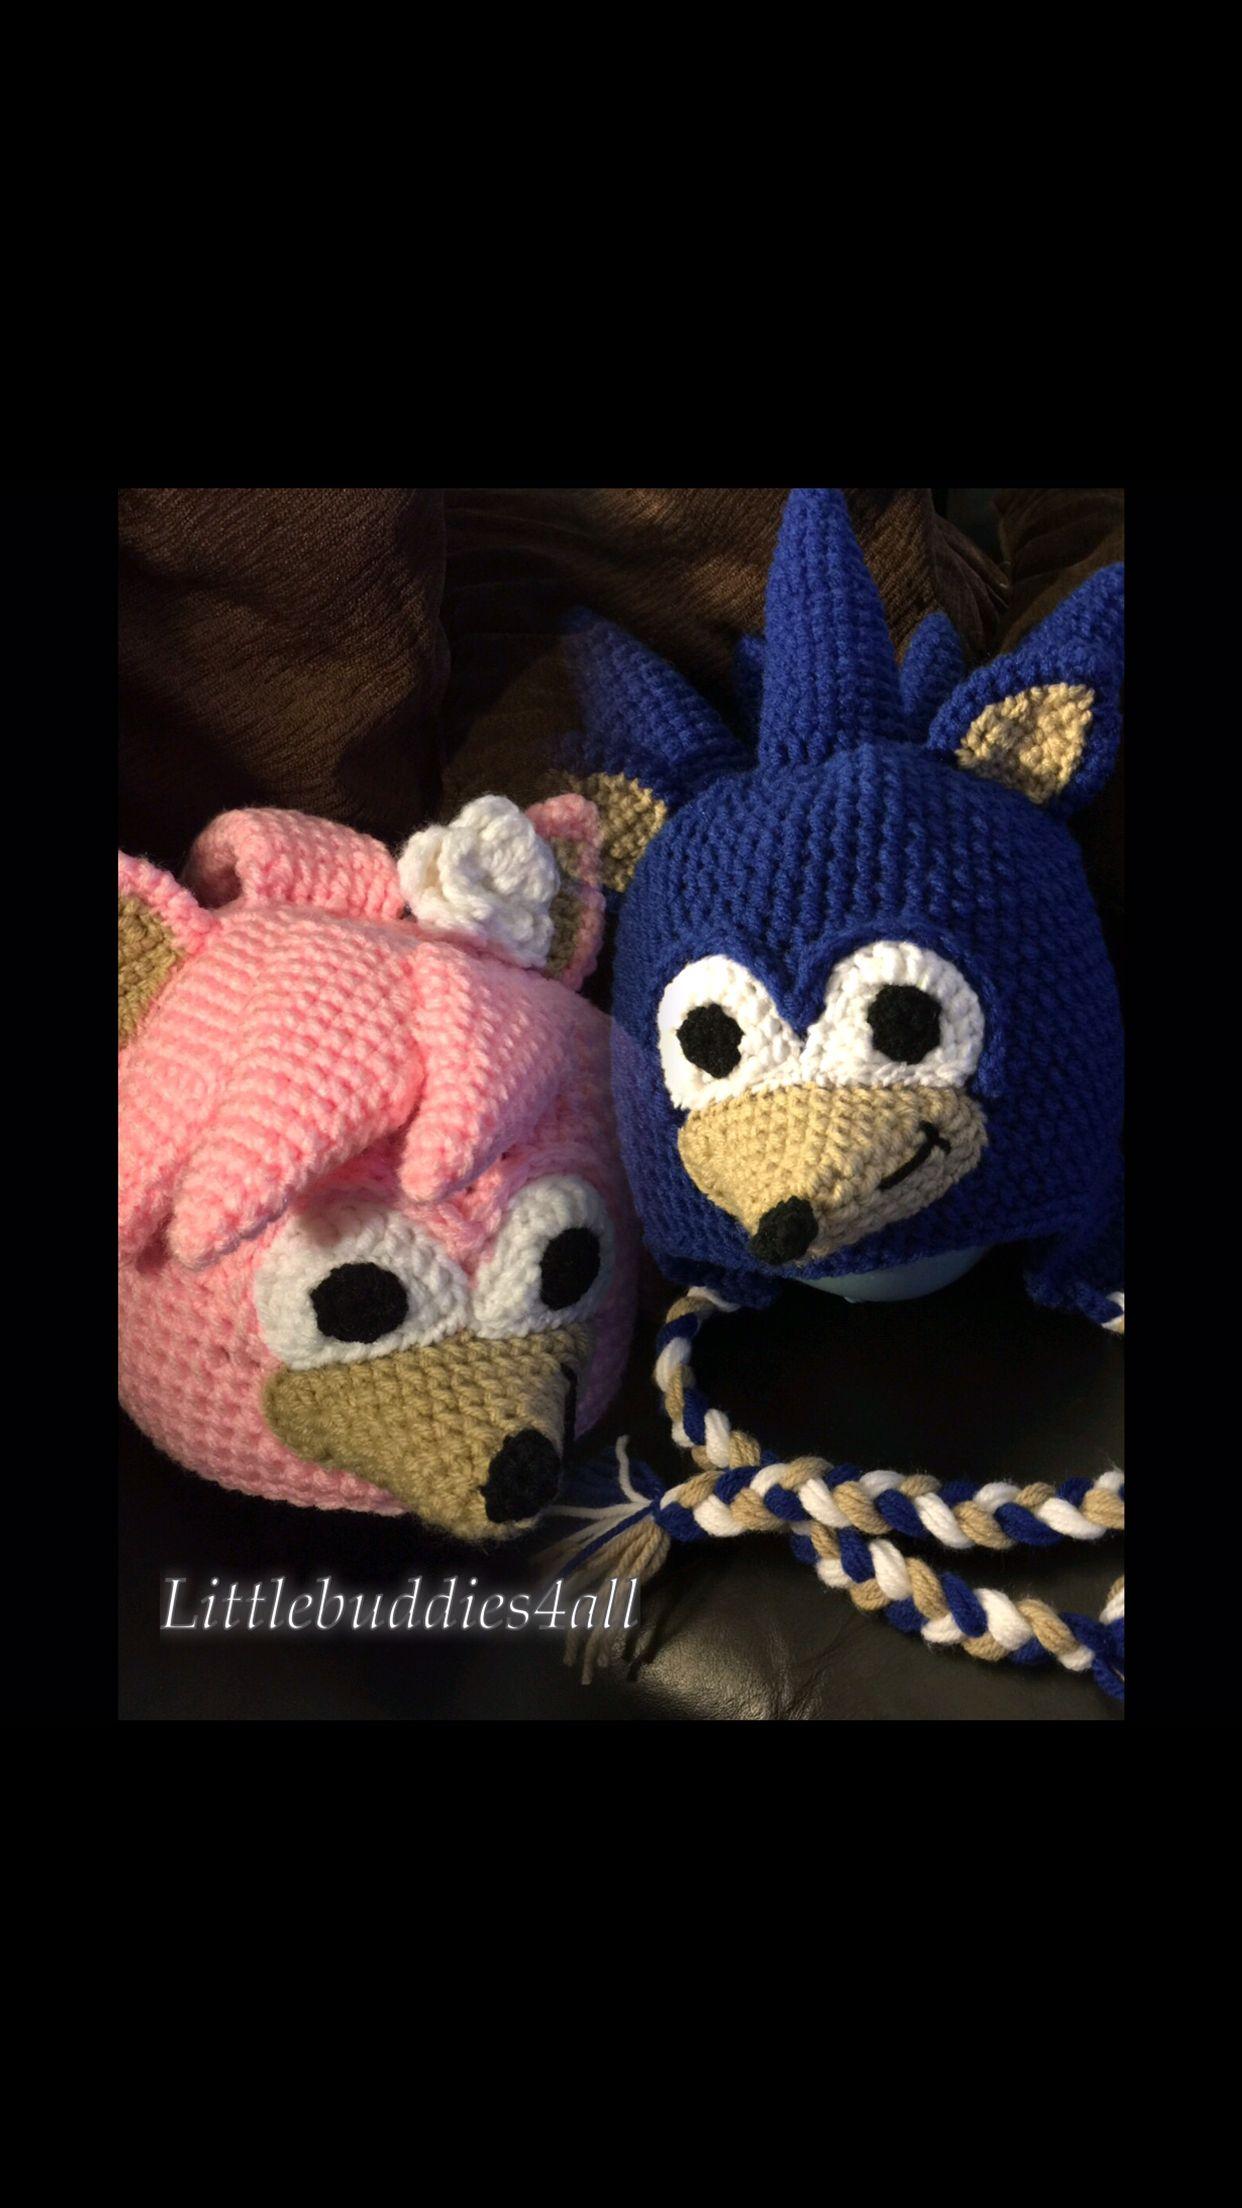 Crochet Sonic The Hedgehog Hat Pink And Blue Littlebuddies4all Crochet Hats Crochet Hats